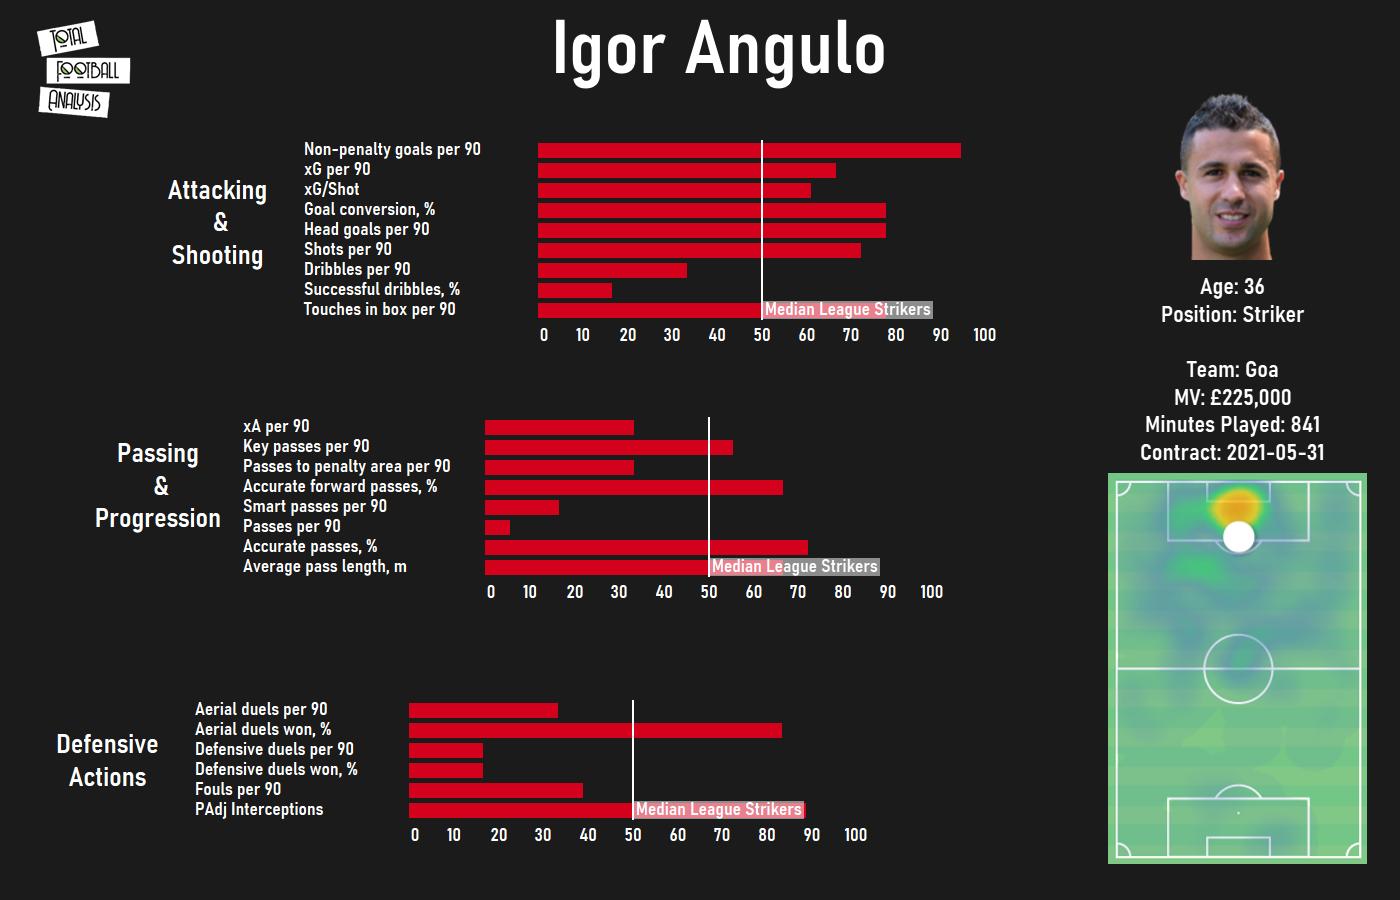 Igor Angulo 2020/21 - scout report - tactical analysis tactics